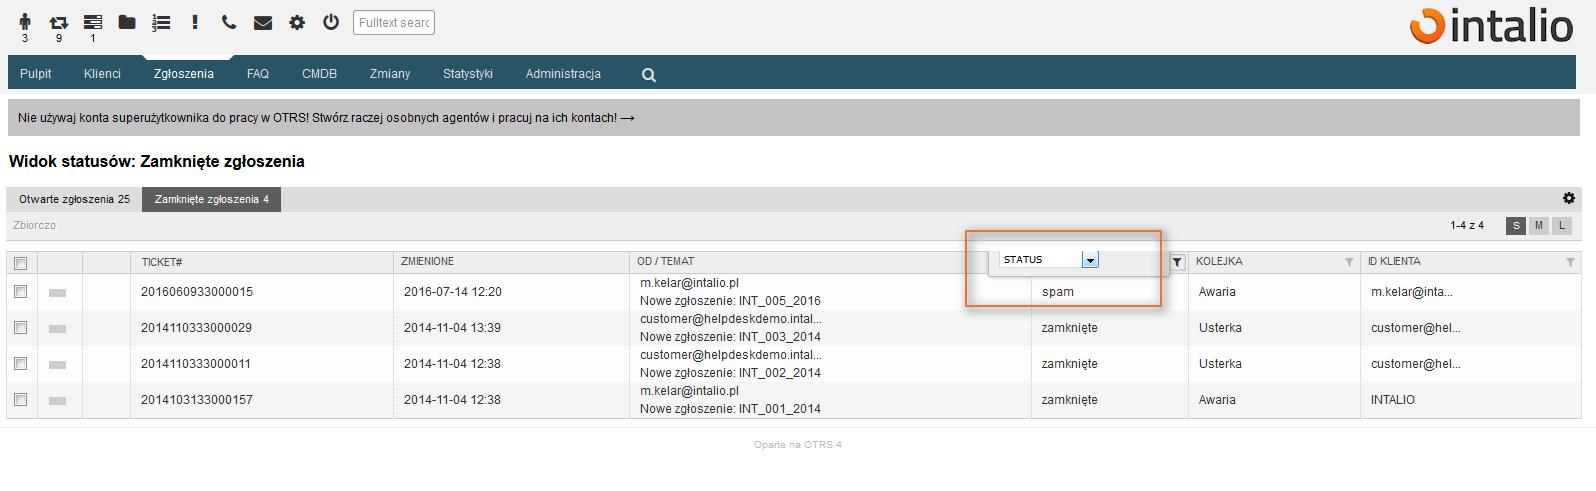 Możliwość wyboru filtru dla statusu zgłoszenia SPAM w zgłoszeniach zamkniętych